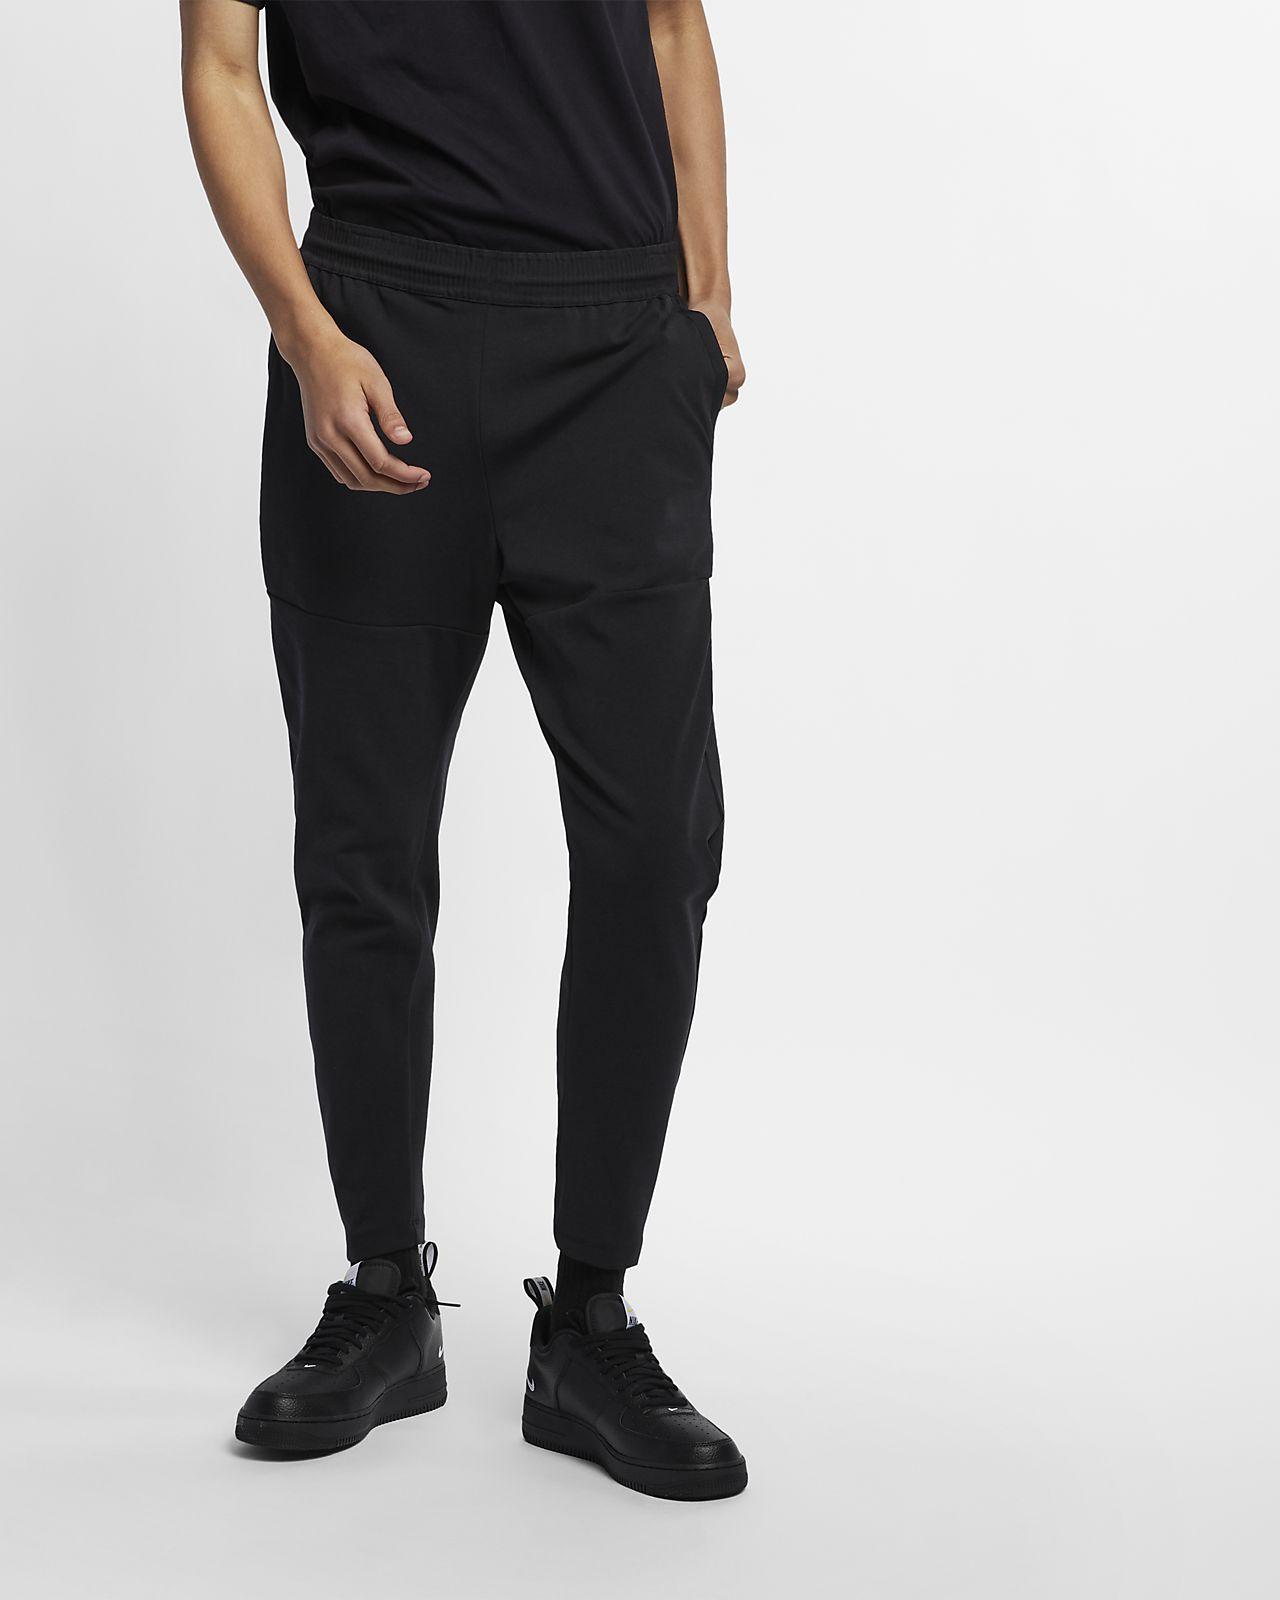 Nike Sportswear Tech Pack 男款針織運動褲